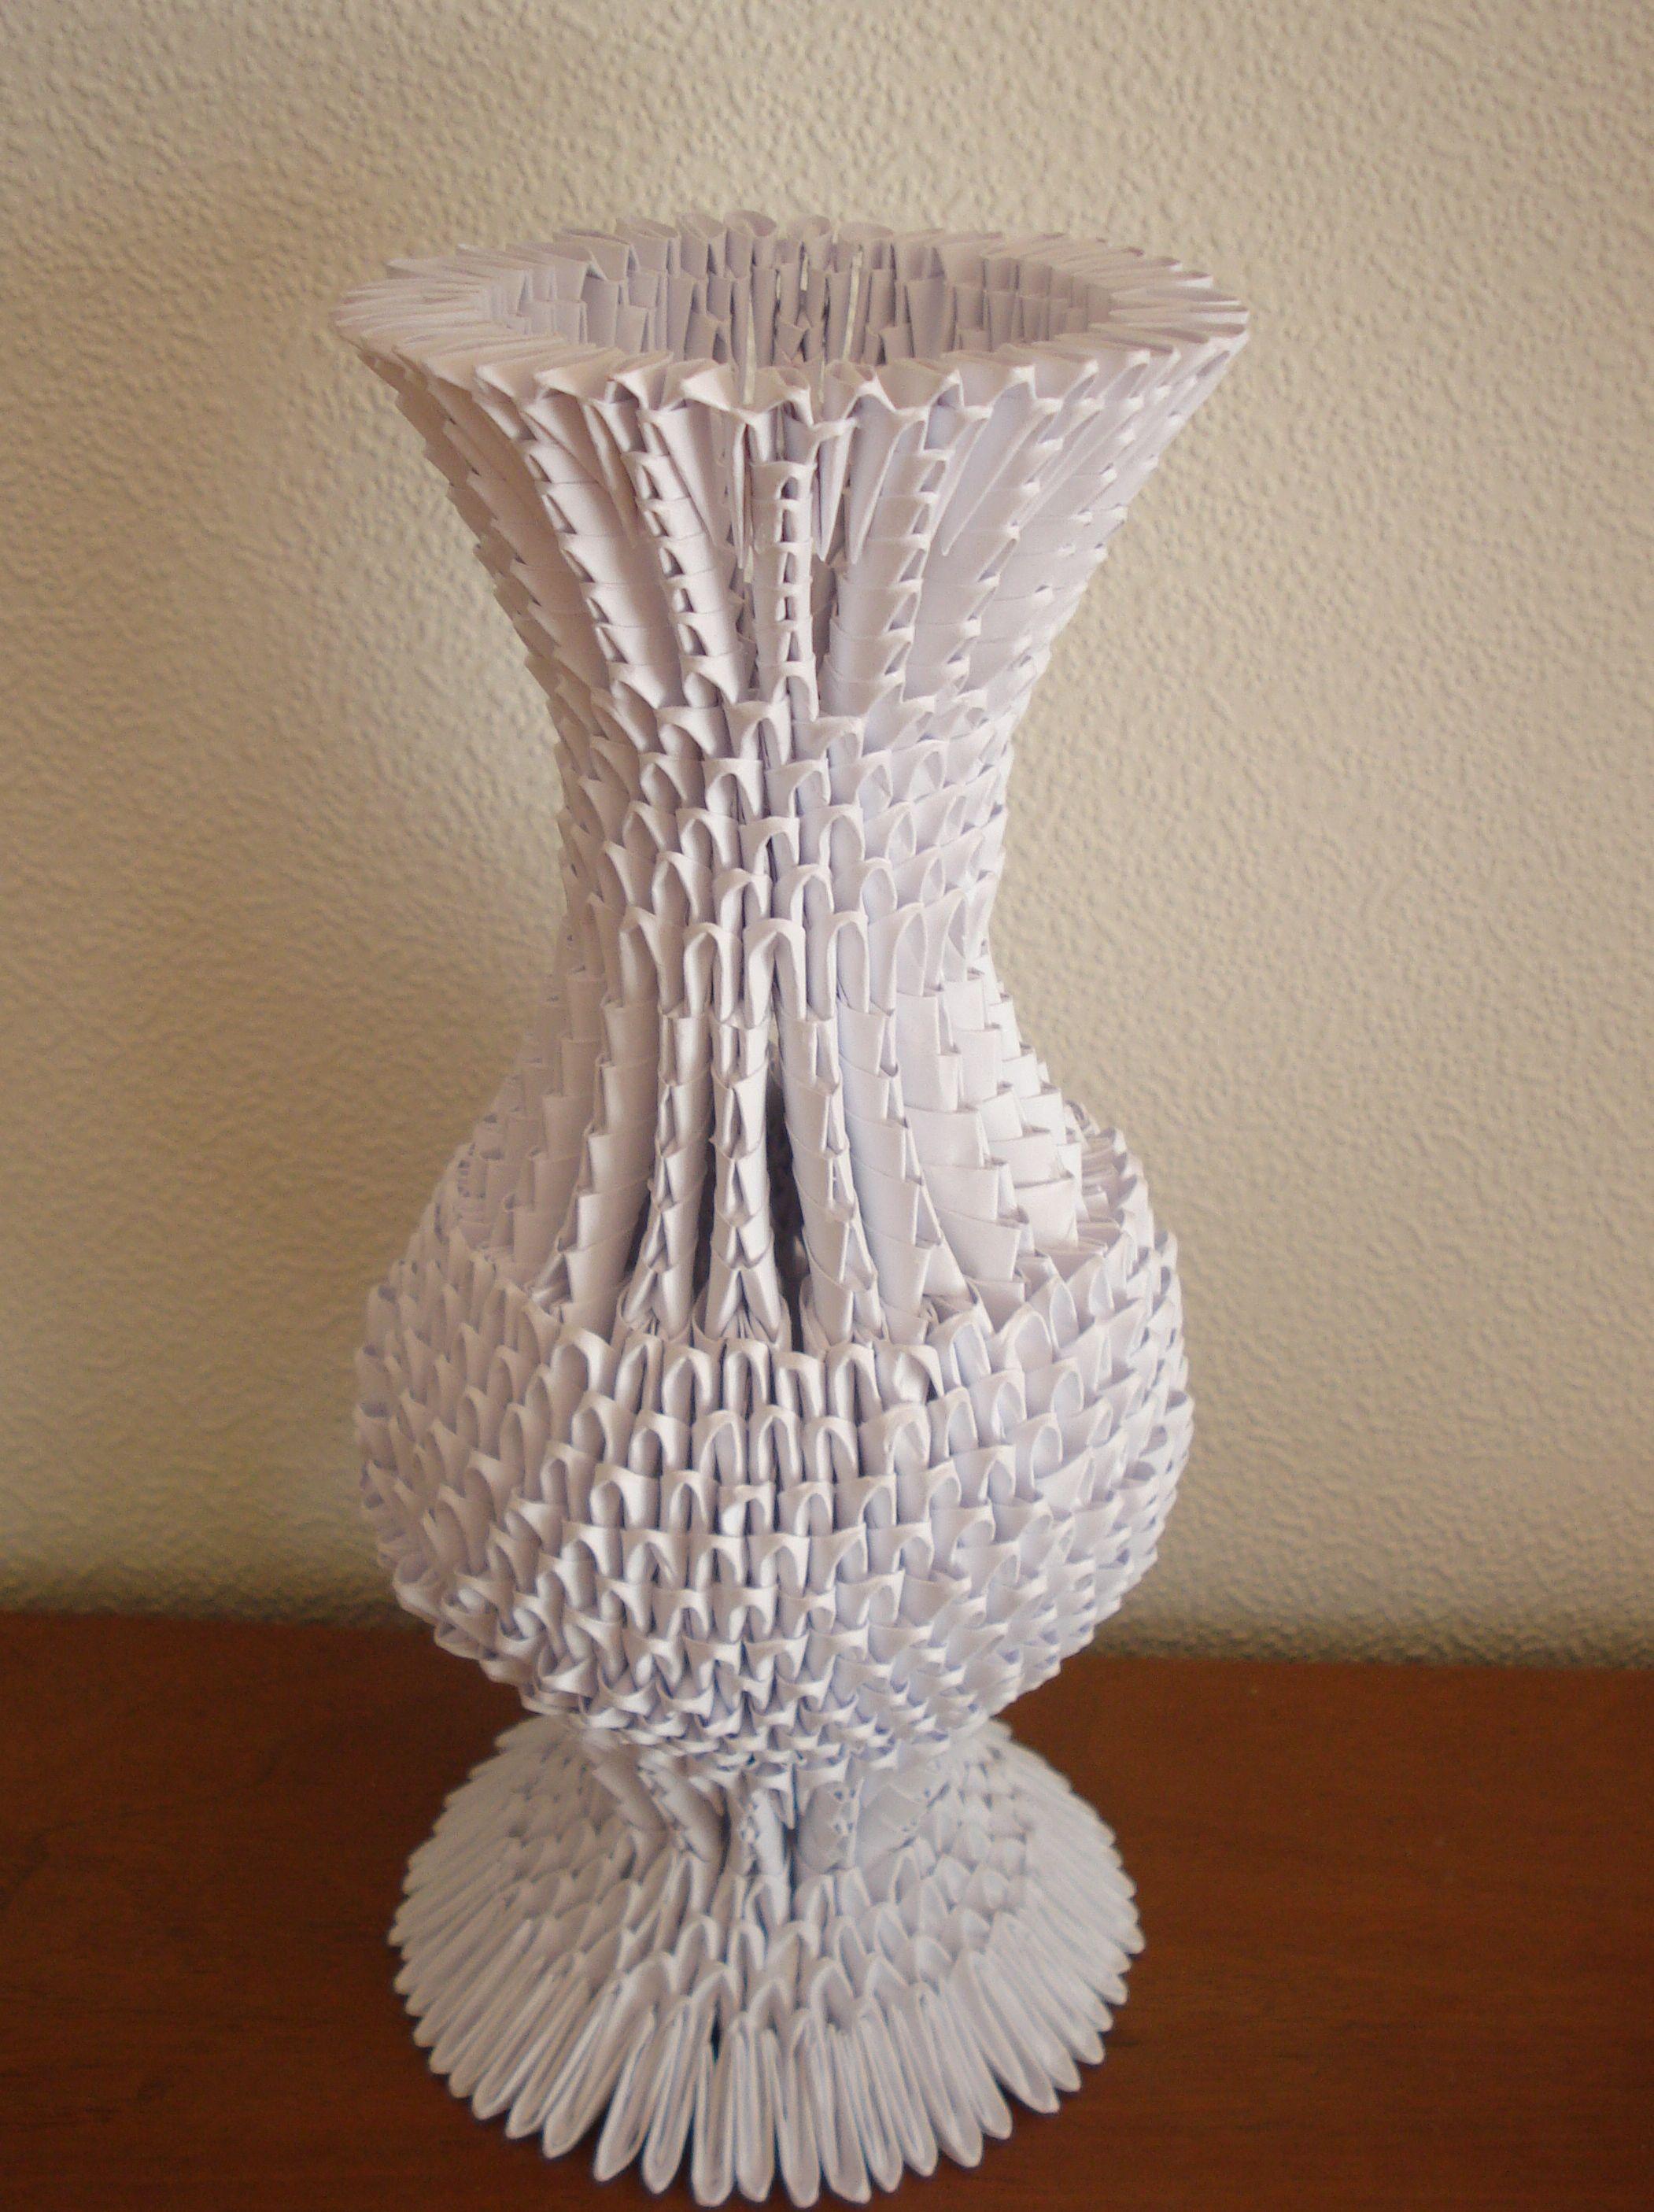 Модульное оригами вазы своими руками (125 фото): инструкция + мастер-класс для начинающих